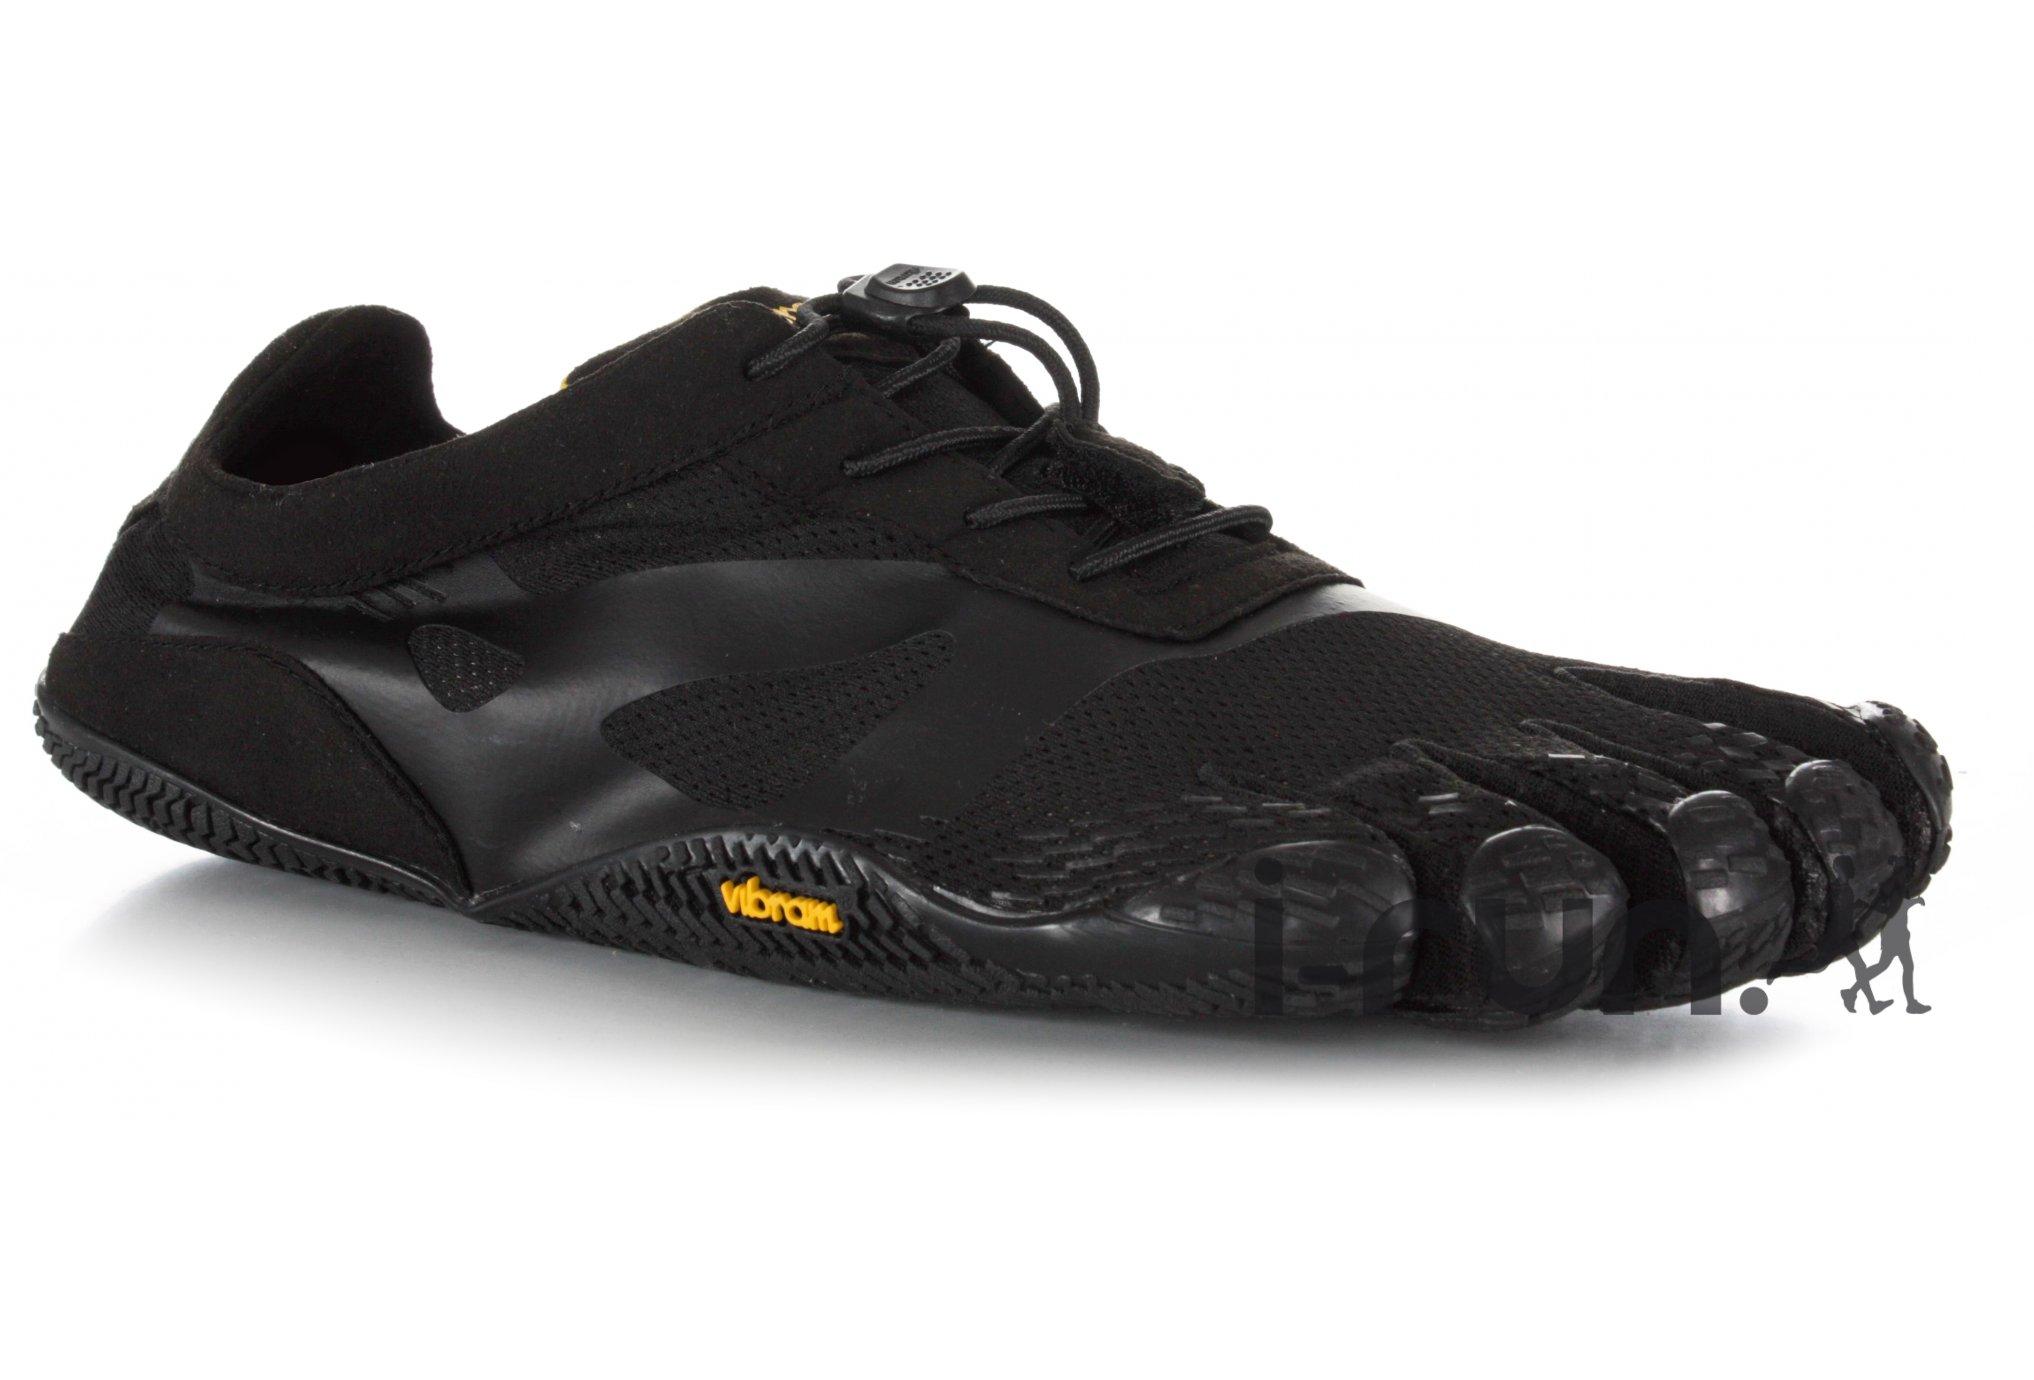 Vibram Fivefingers kso evo w chaussures running femme